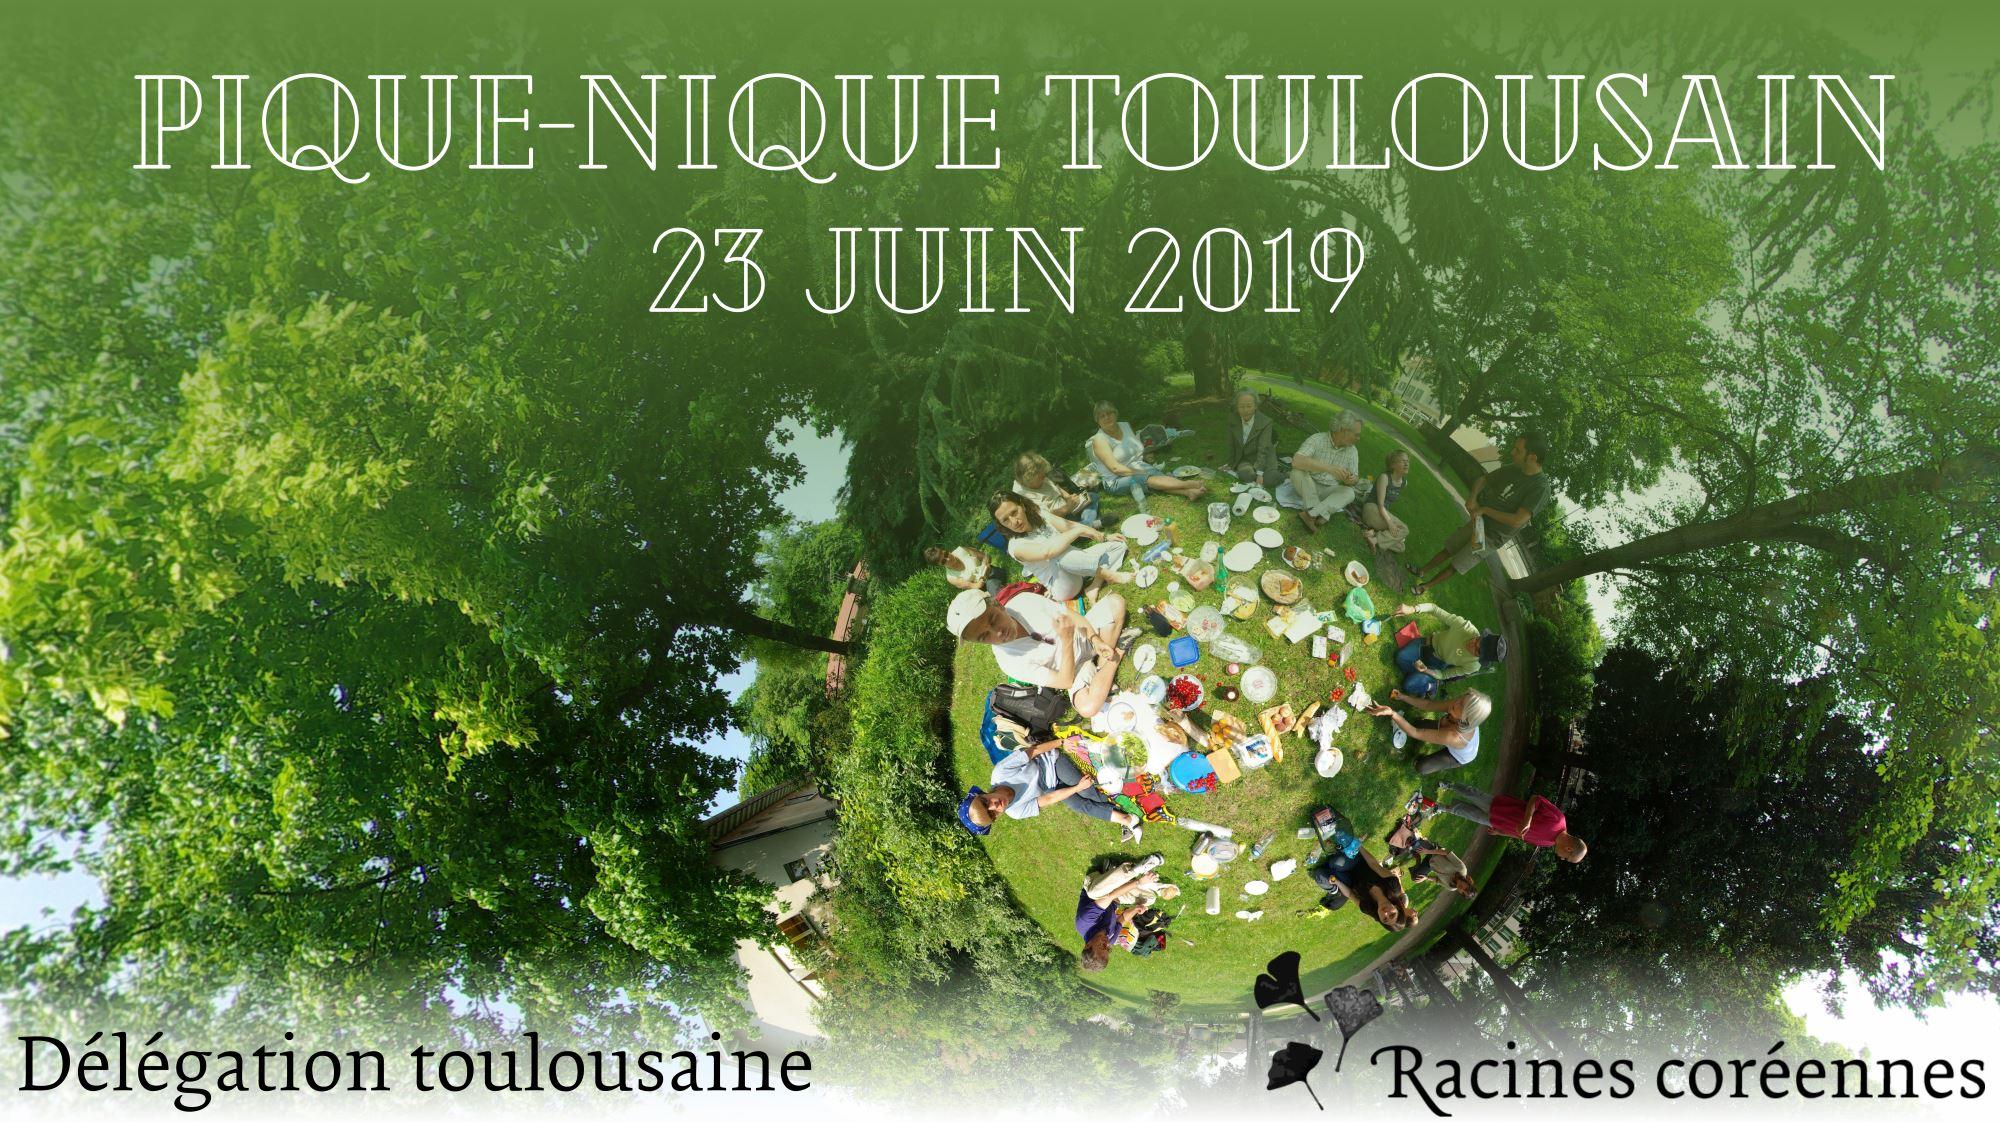 Pique-nique de juin 2019 à Toulouse